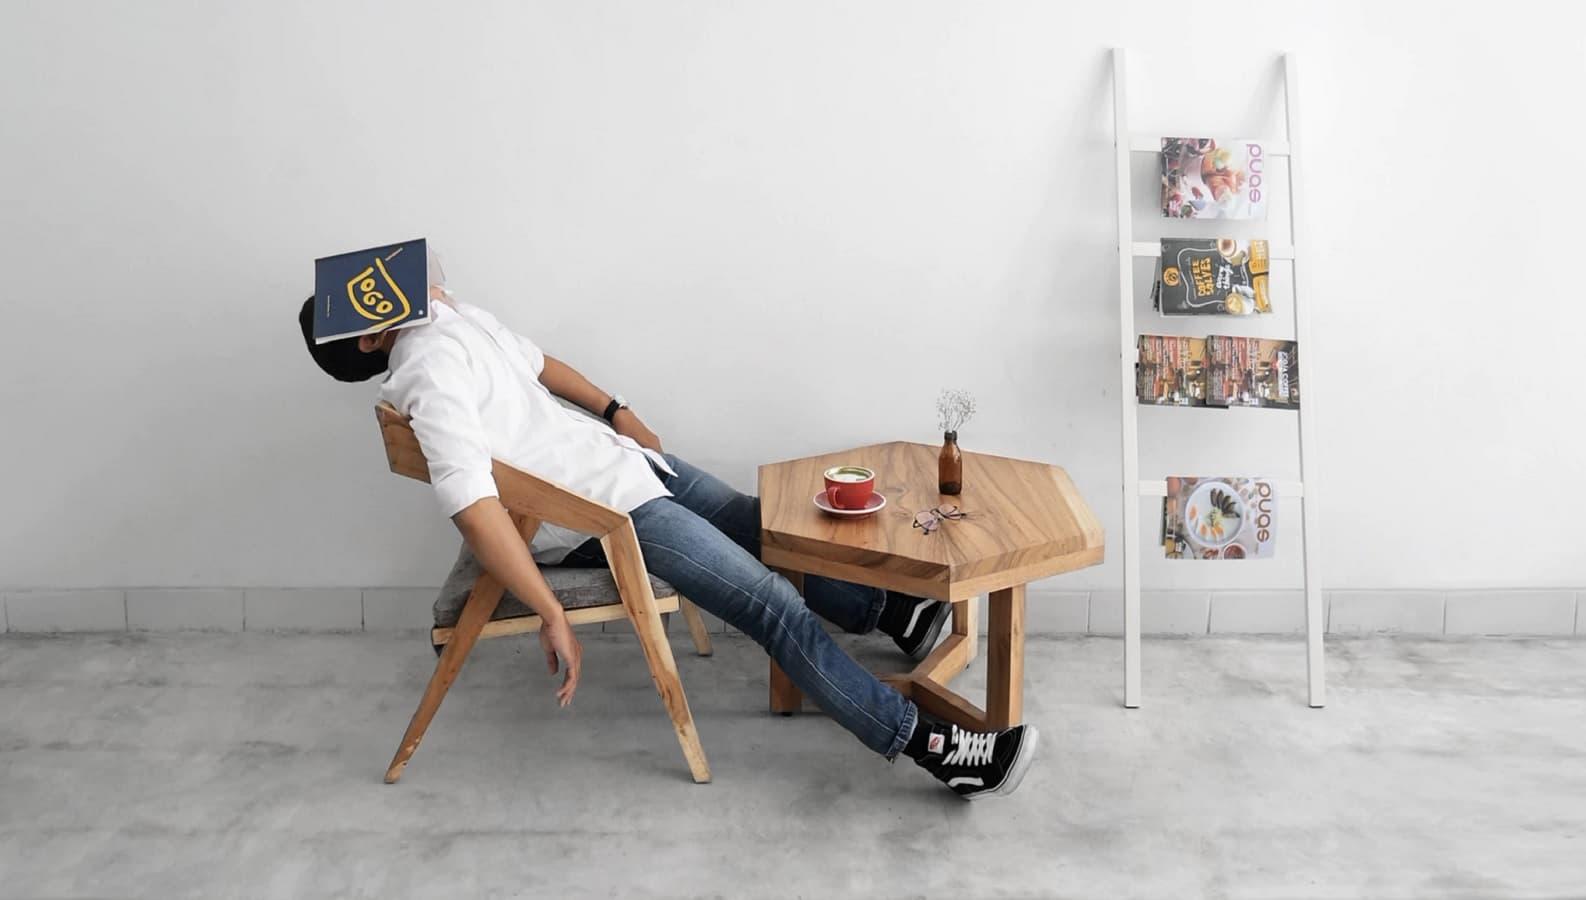 sleeping man at table